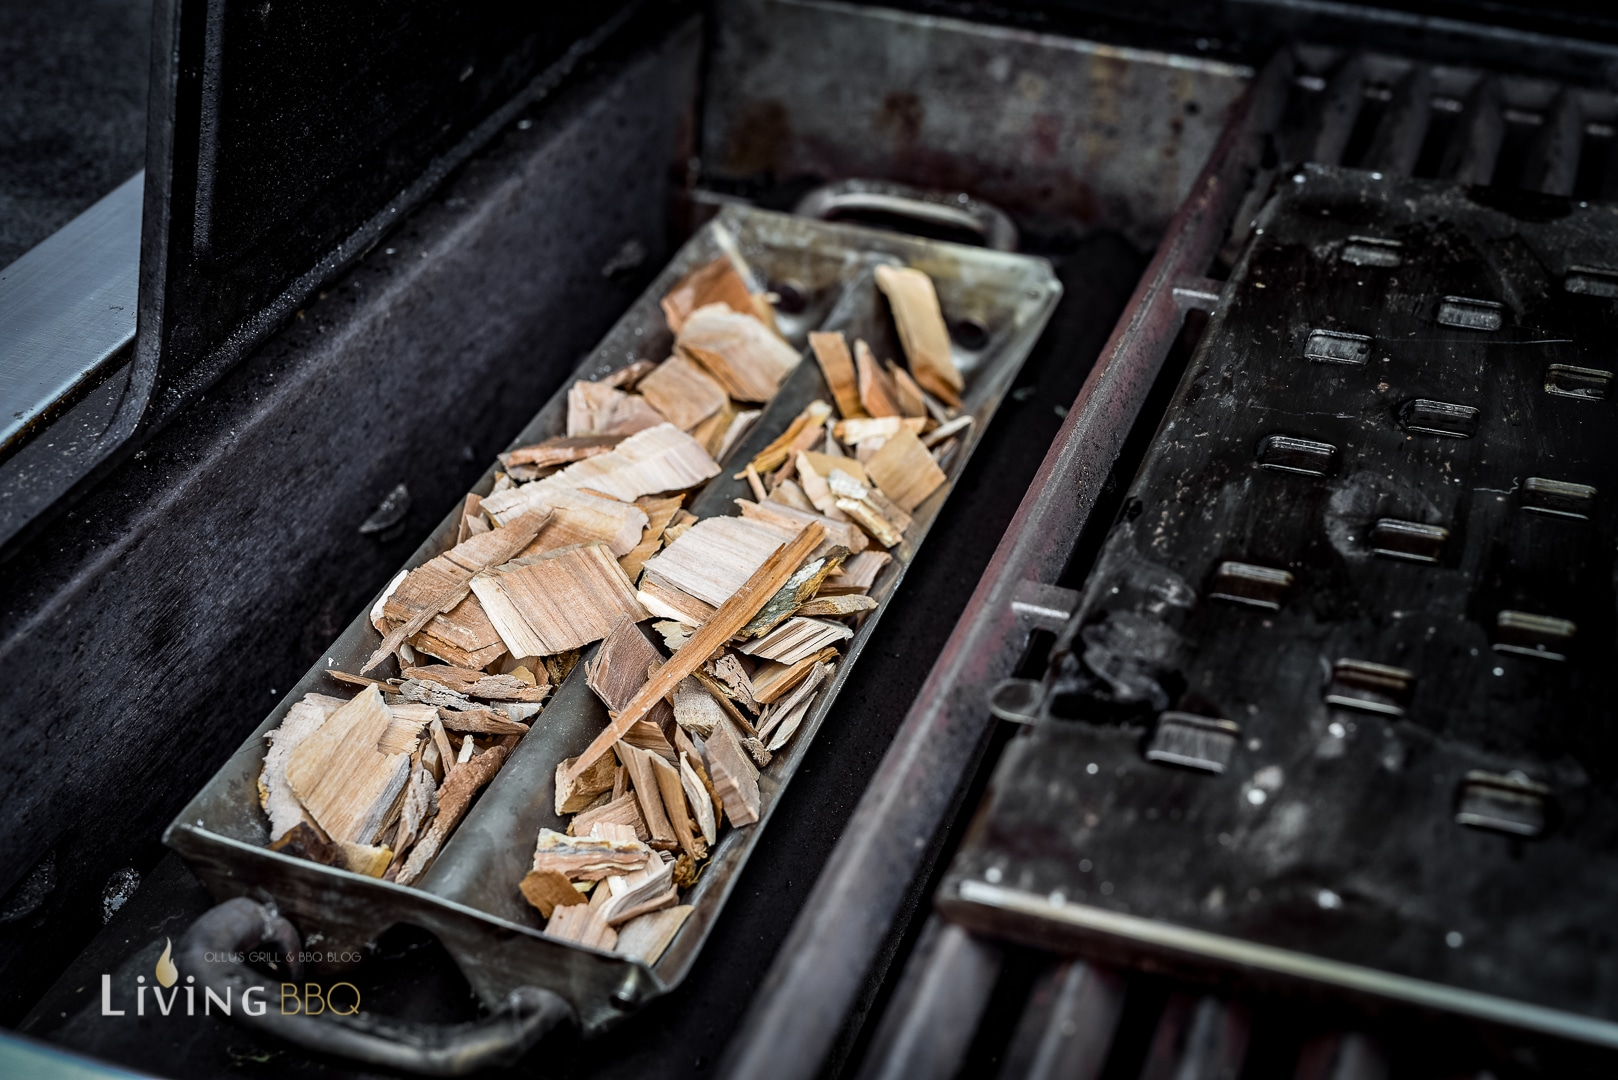 Broilking Räucherbox mit Holzchips